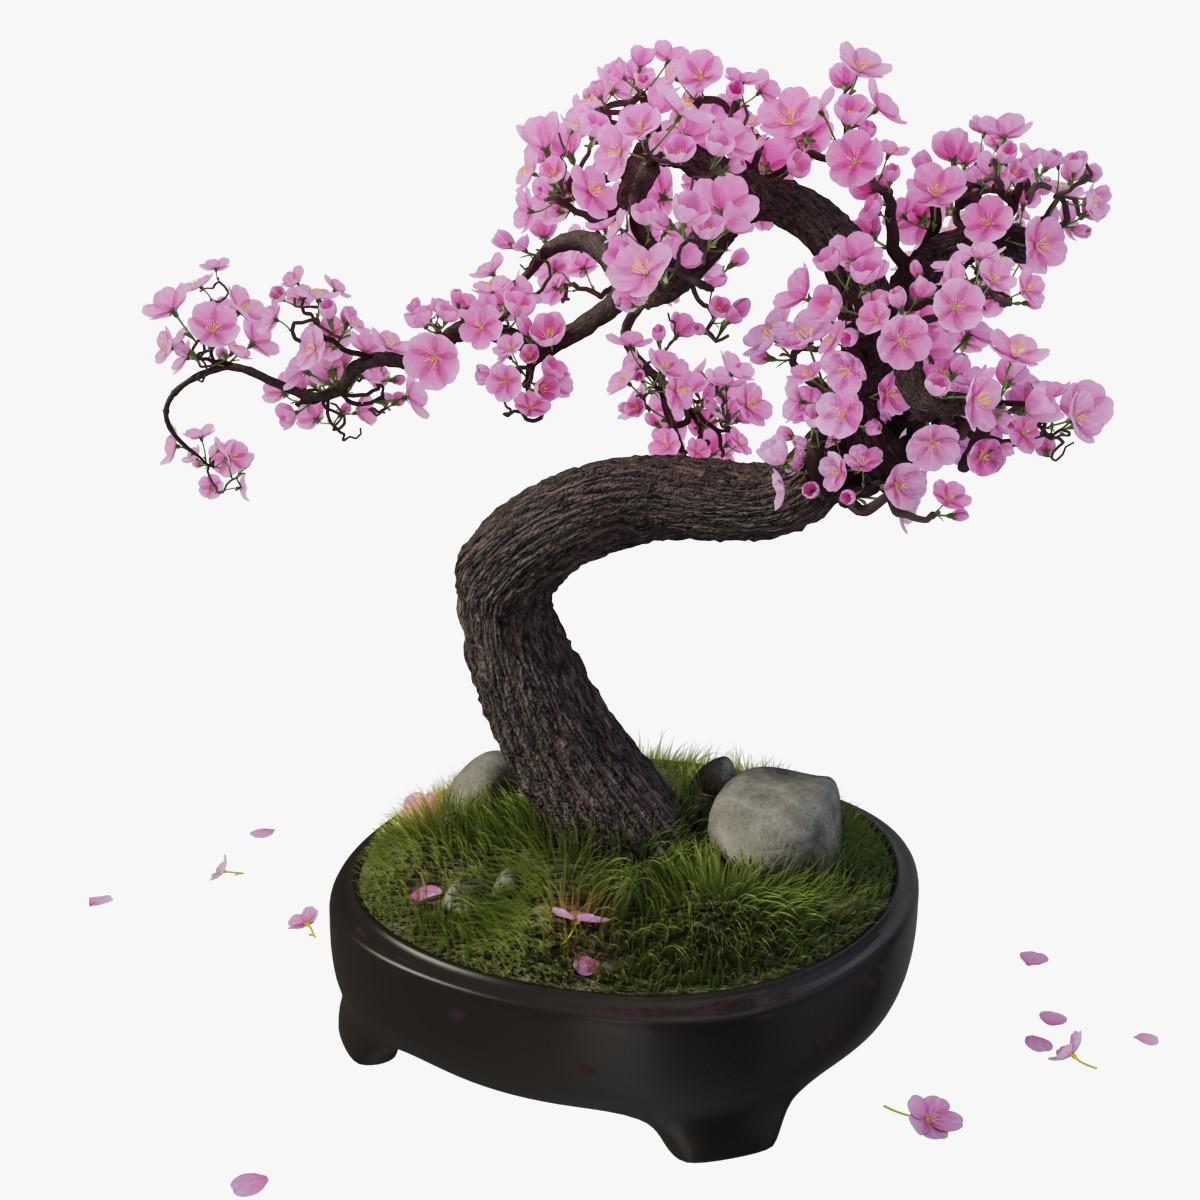 Les bonsaïs peuvent coûter très cher.